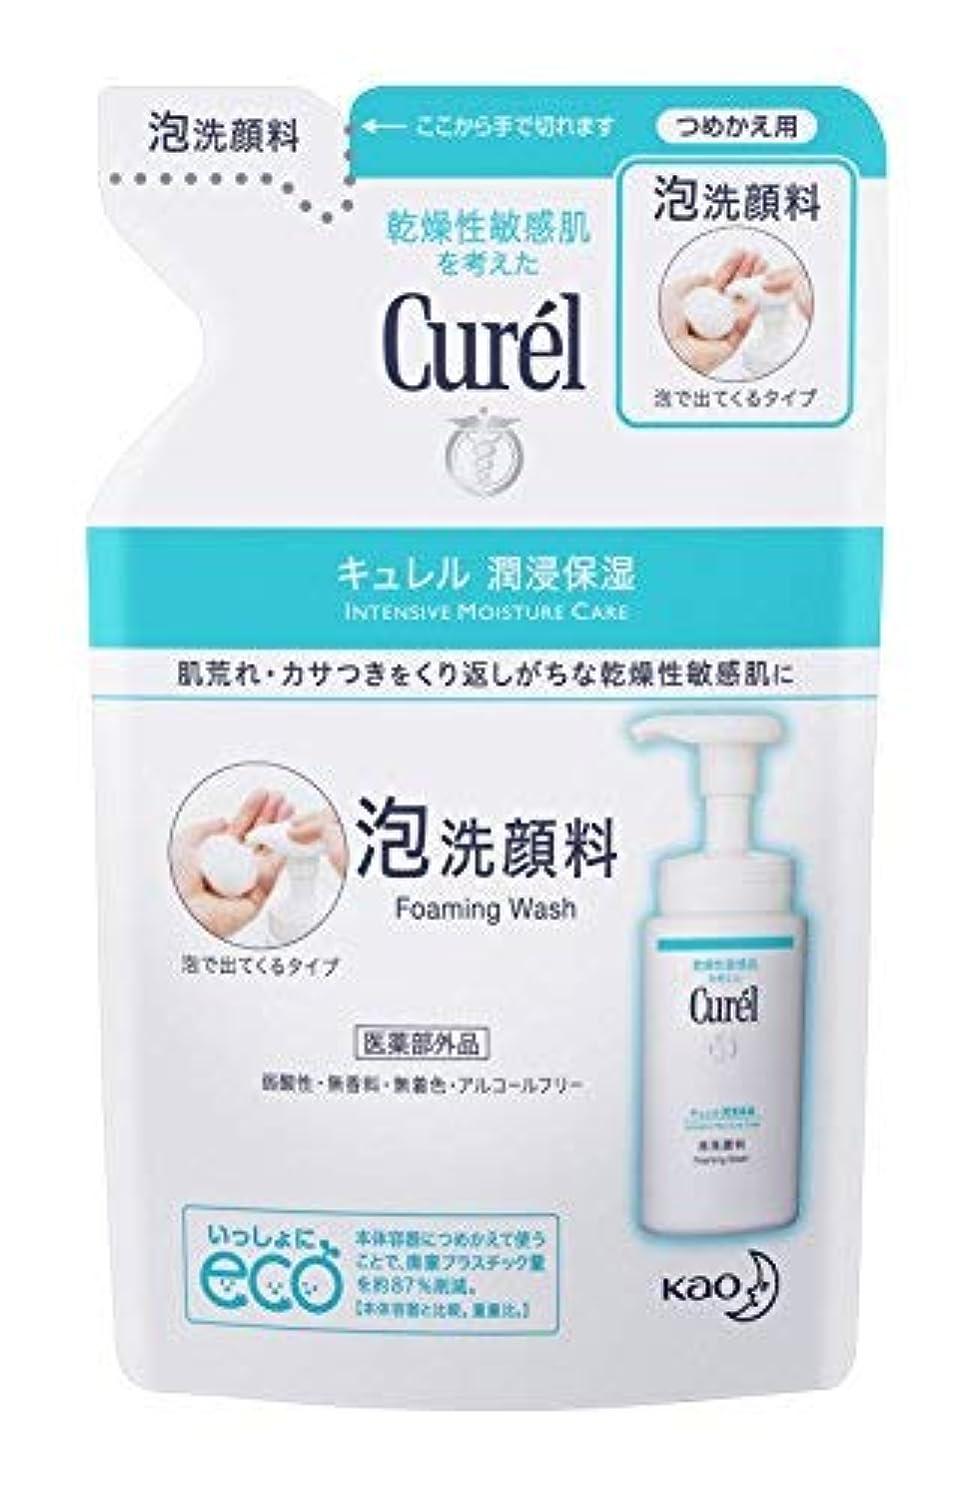 ベイビースプリット鎮痛剤花王 キュレル 泡洗顔料 つめかえ用 130ml × 24個セット